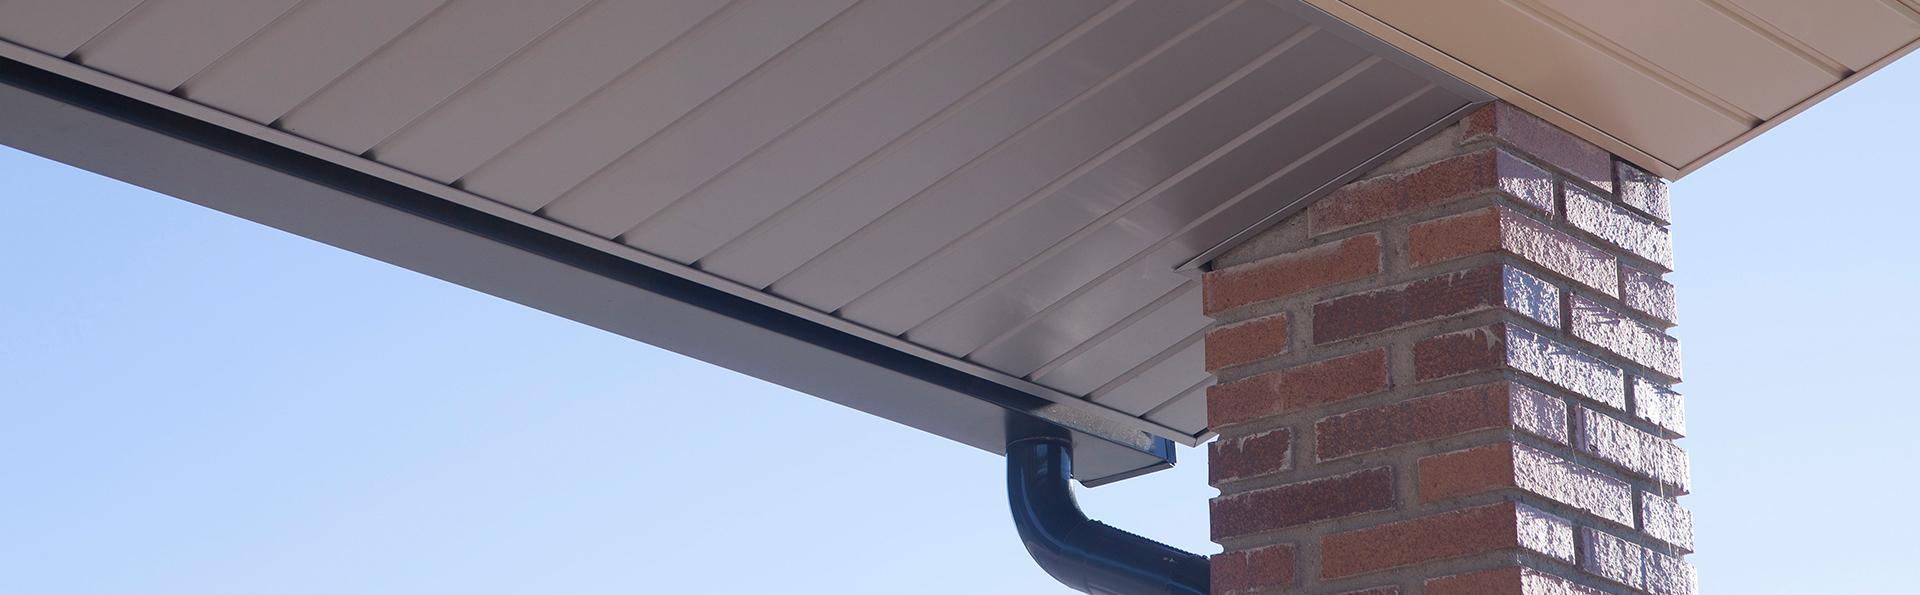 Distribuidor de falsos techos de aluminio a medida